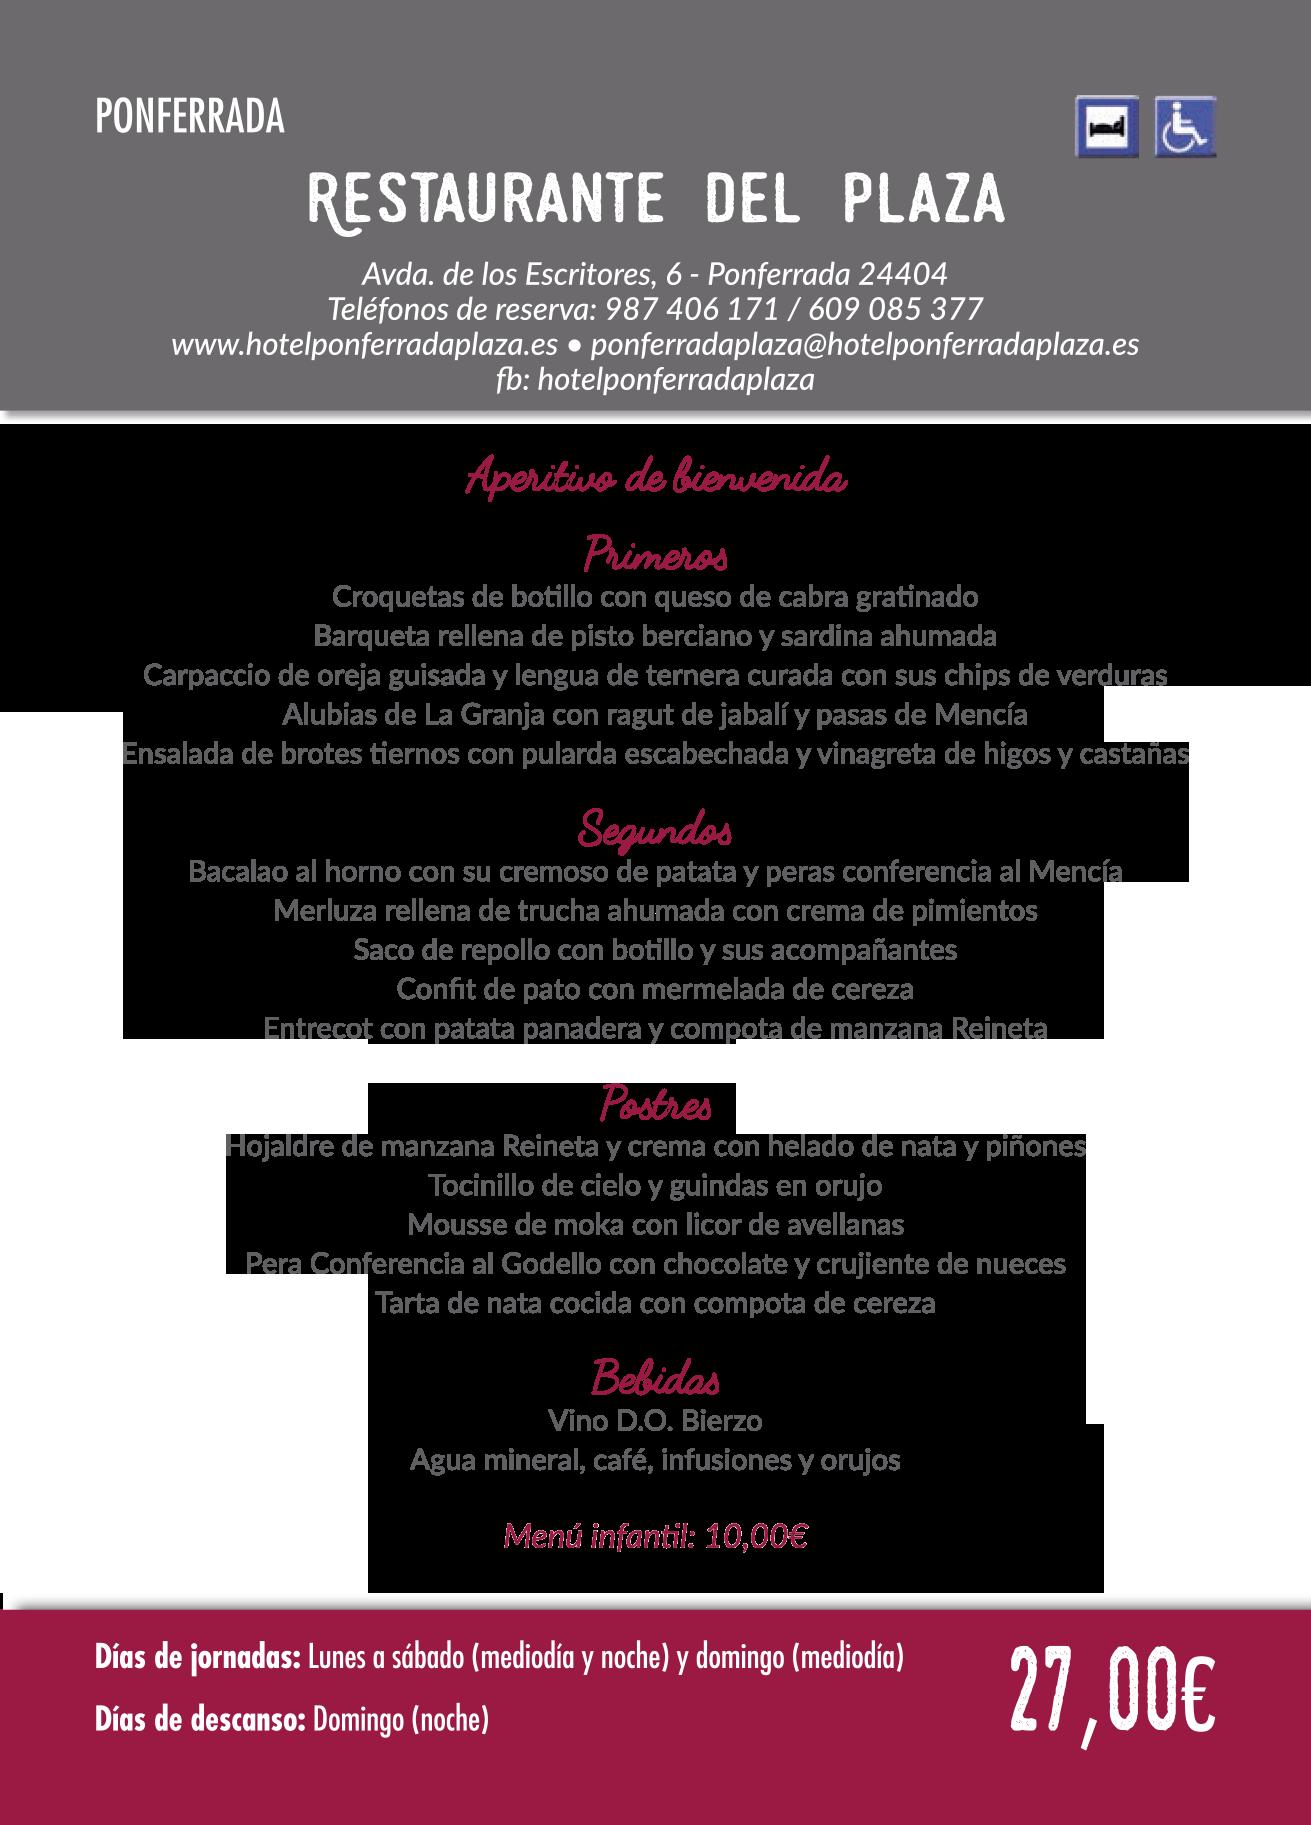 Las Jornadas Gastronómicas del Bierzo llegan a su 35 edición. Consulta los menús de esta edición 23